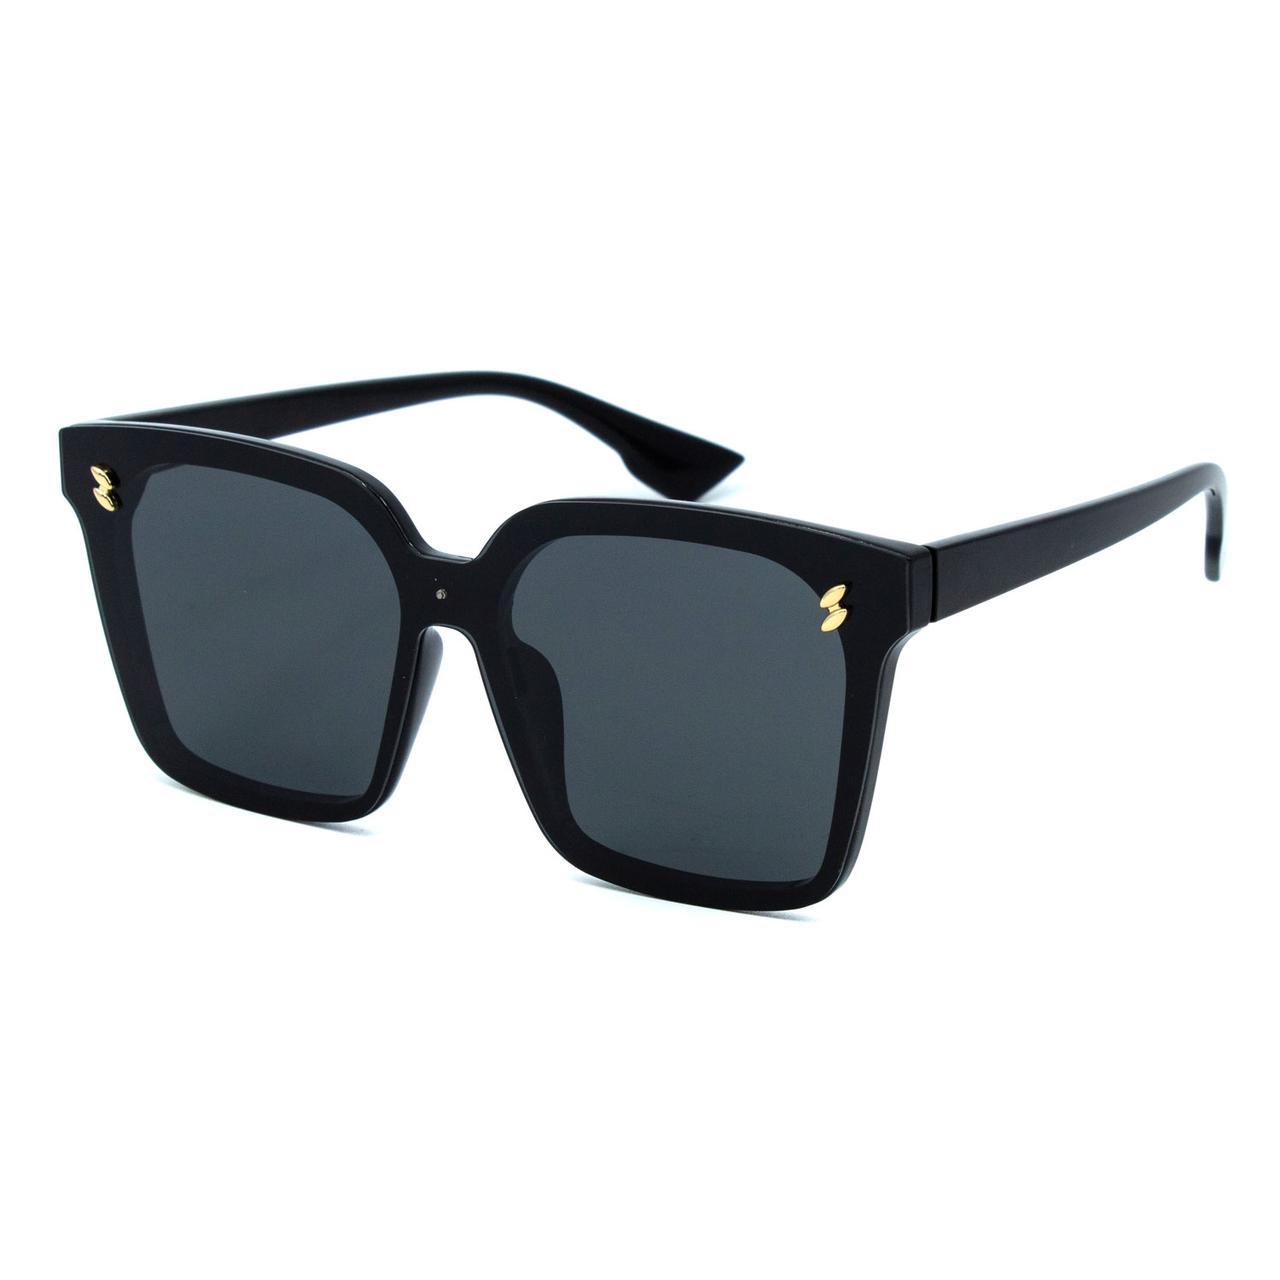 Сонцезахисні окуляри Marmilen TR-90 3974S C1 чорні ( 3974S-01 )